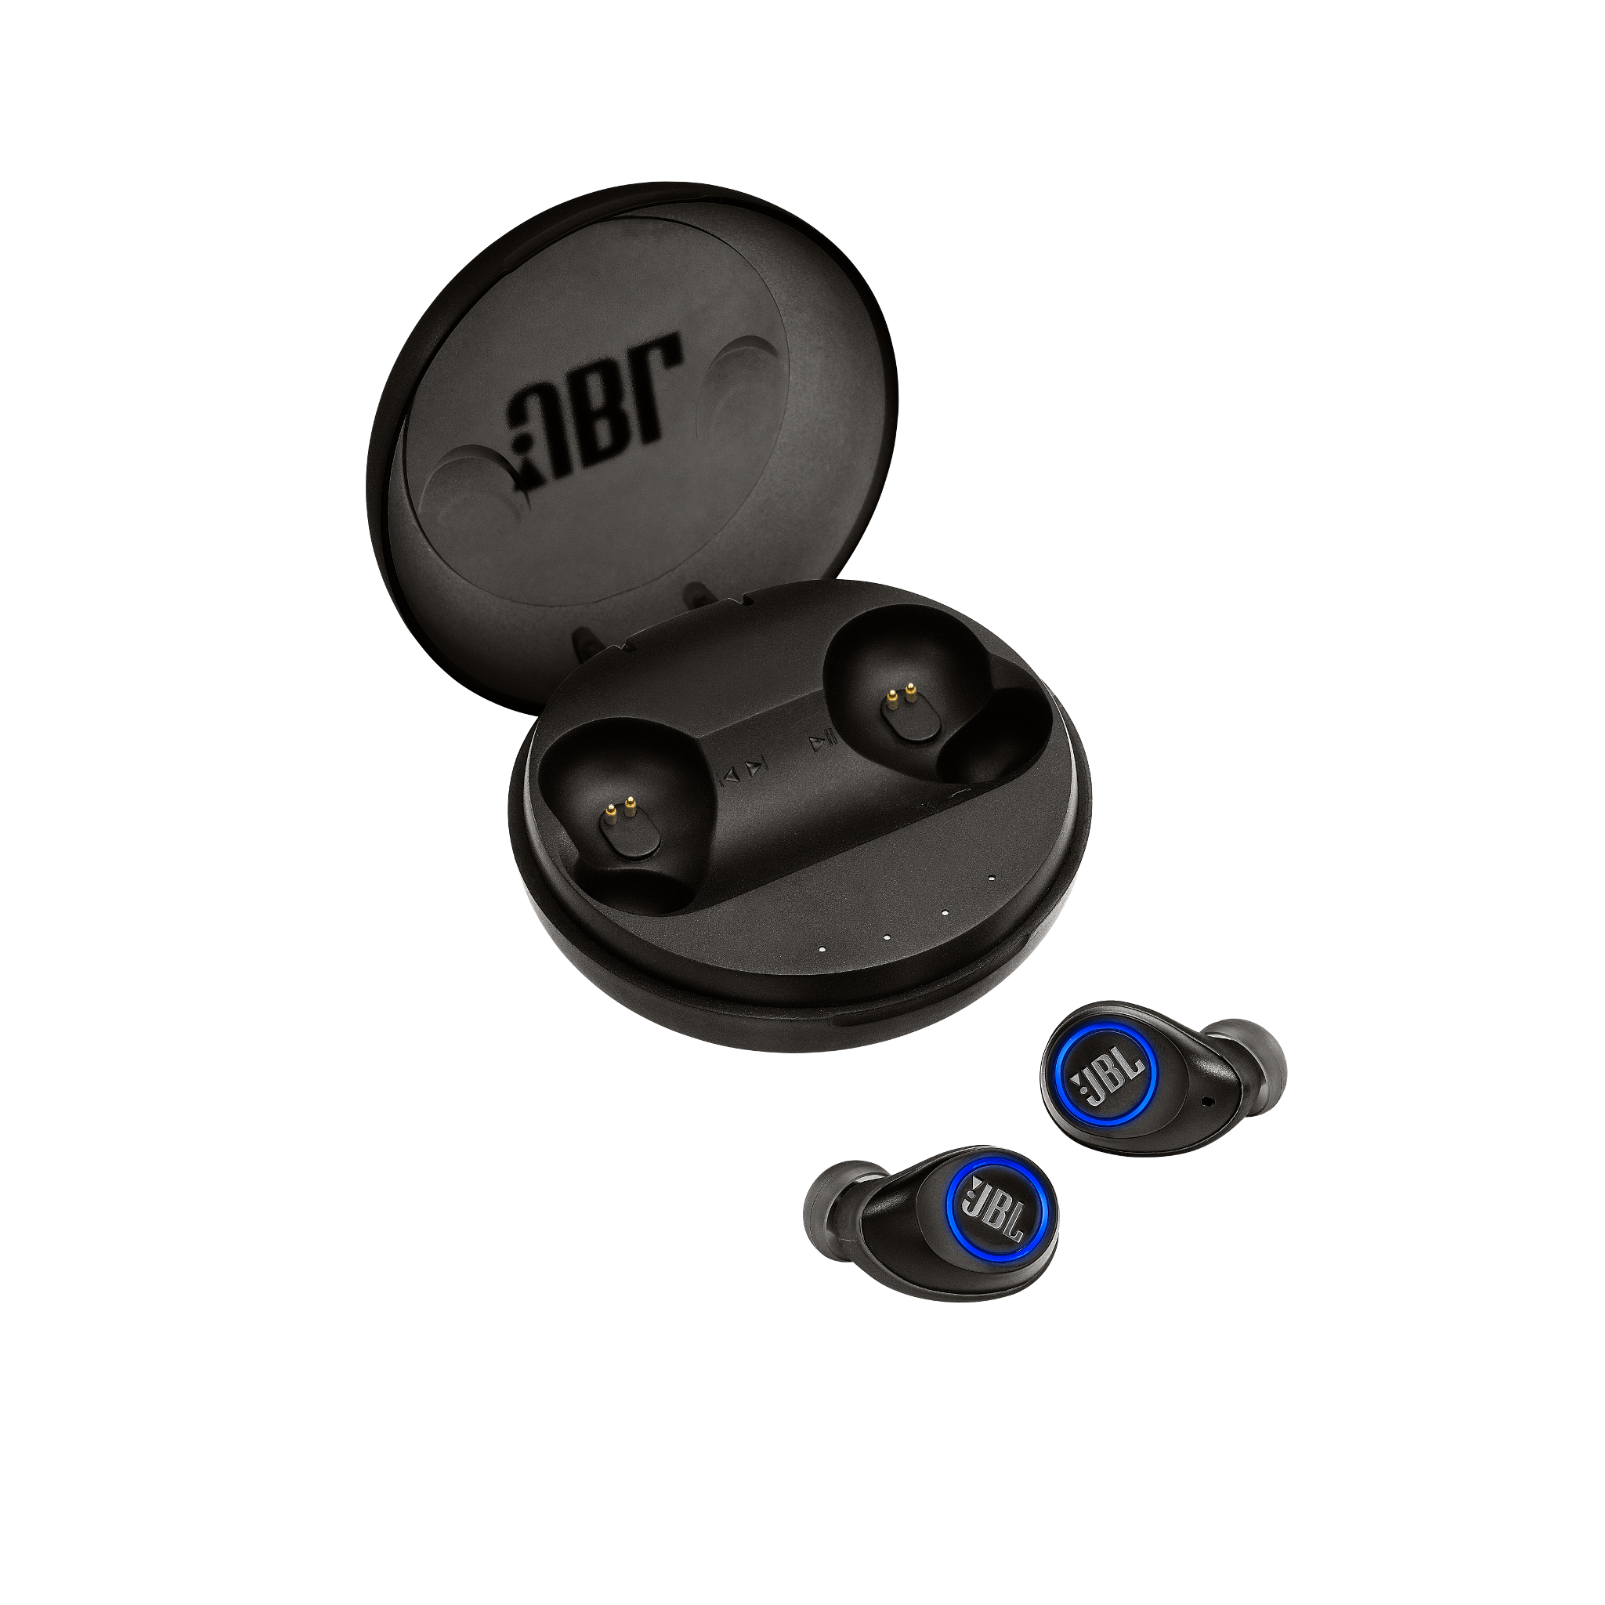 Jbl Free X True Wireless In Ear Headphones